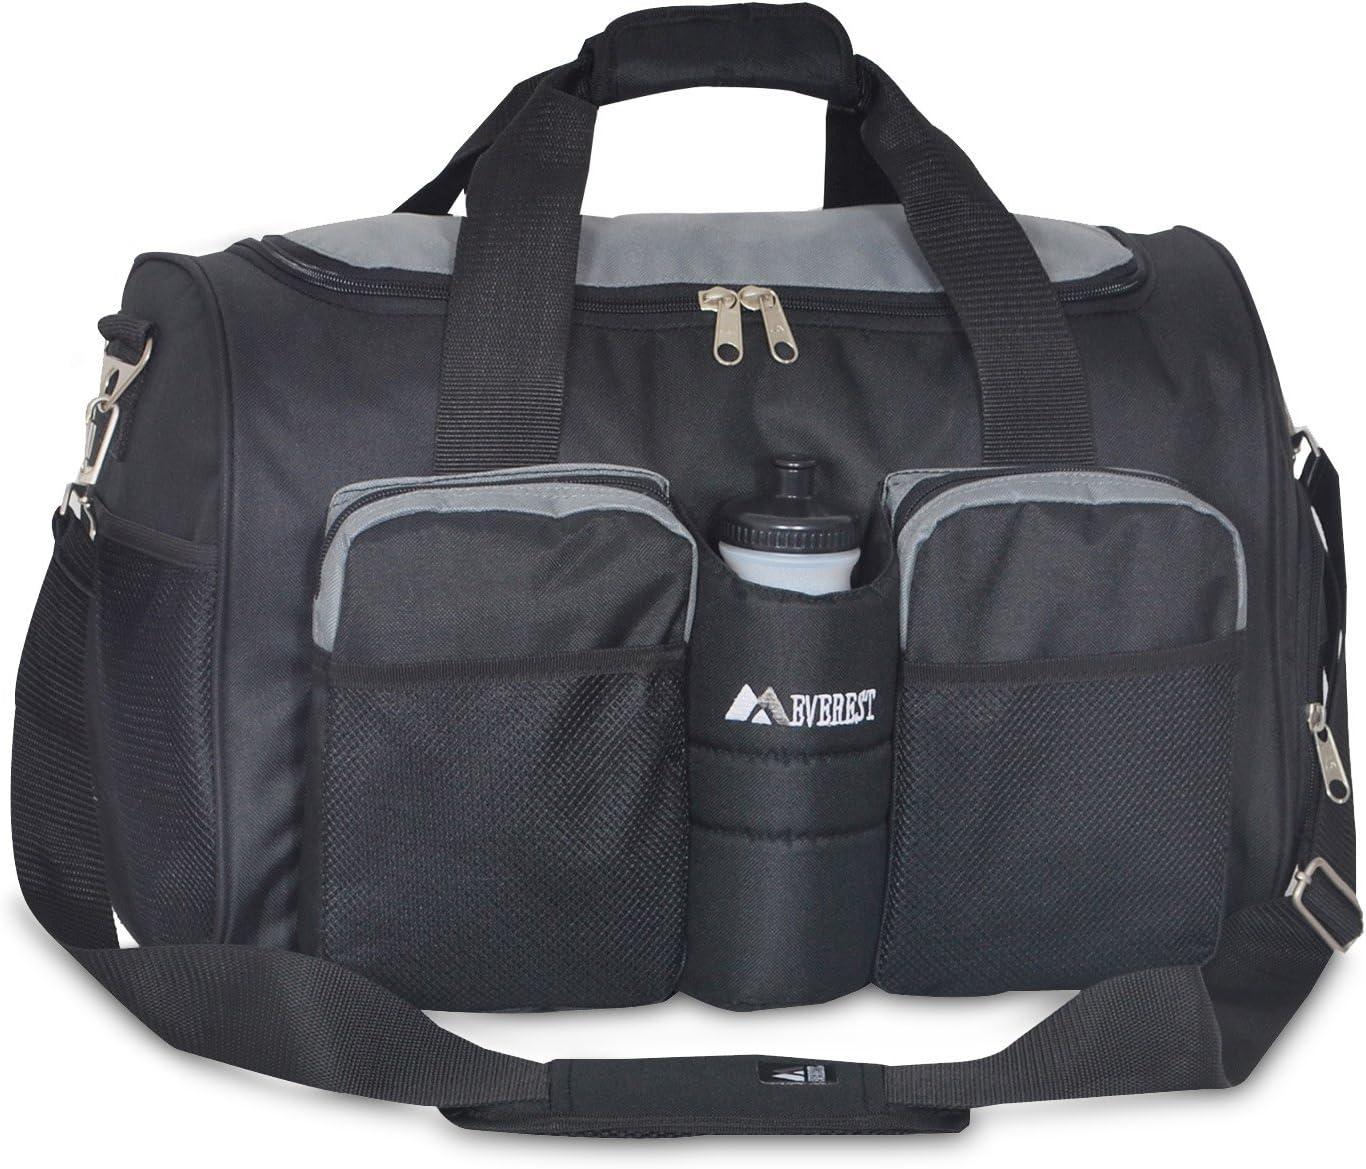 Everest Gym Bag with Wet Pocket, Royal Blue